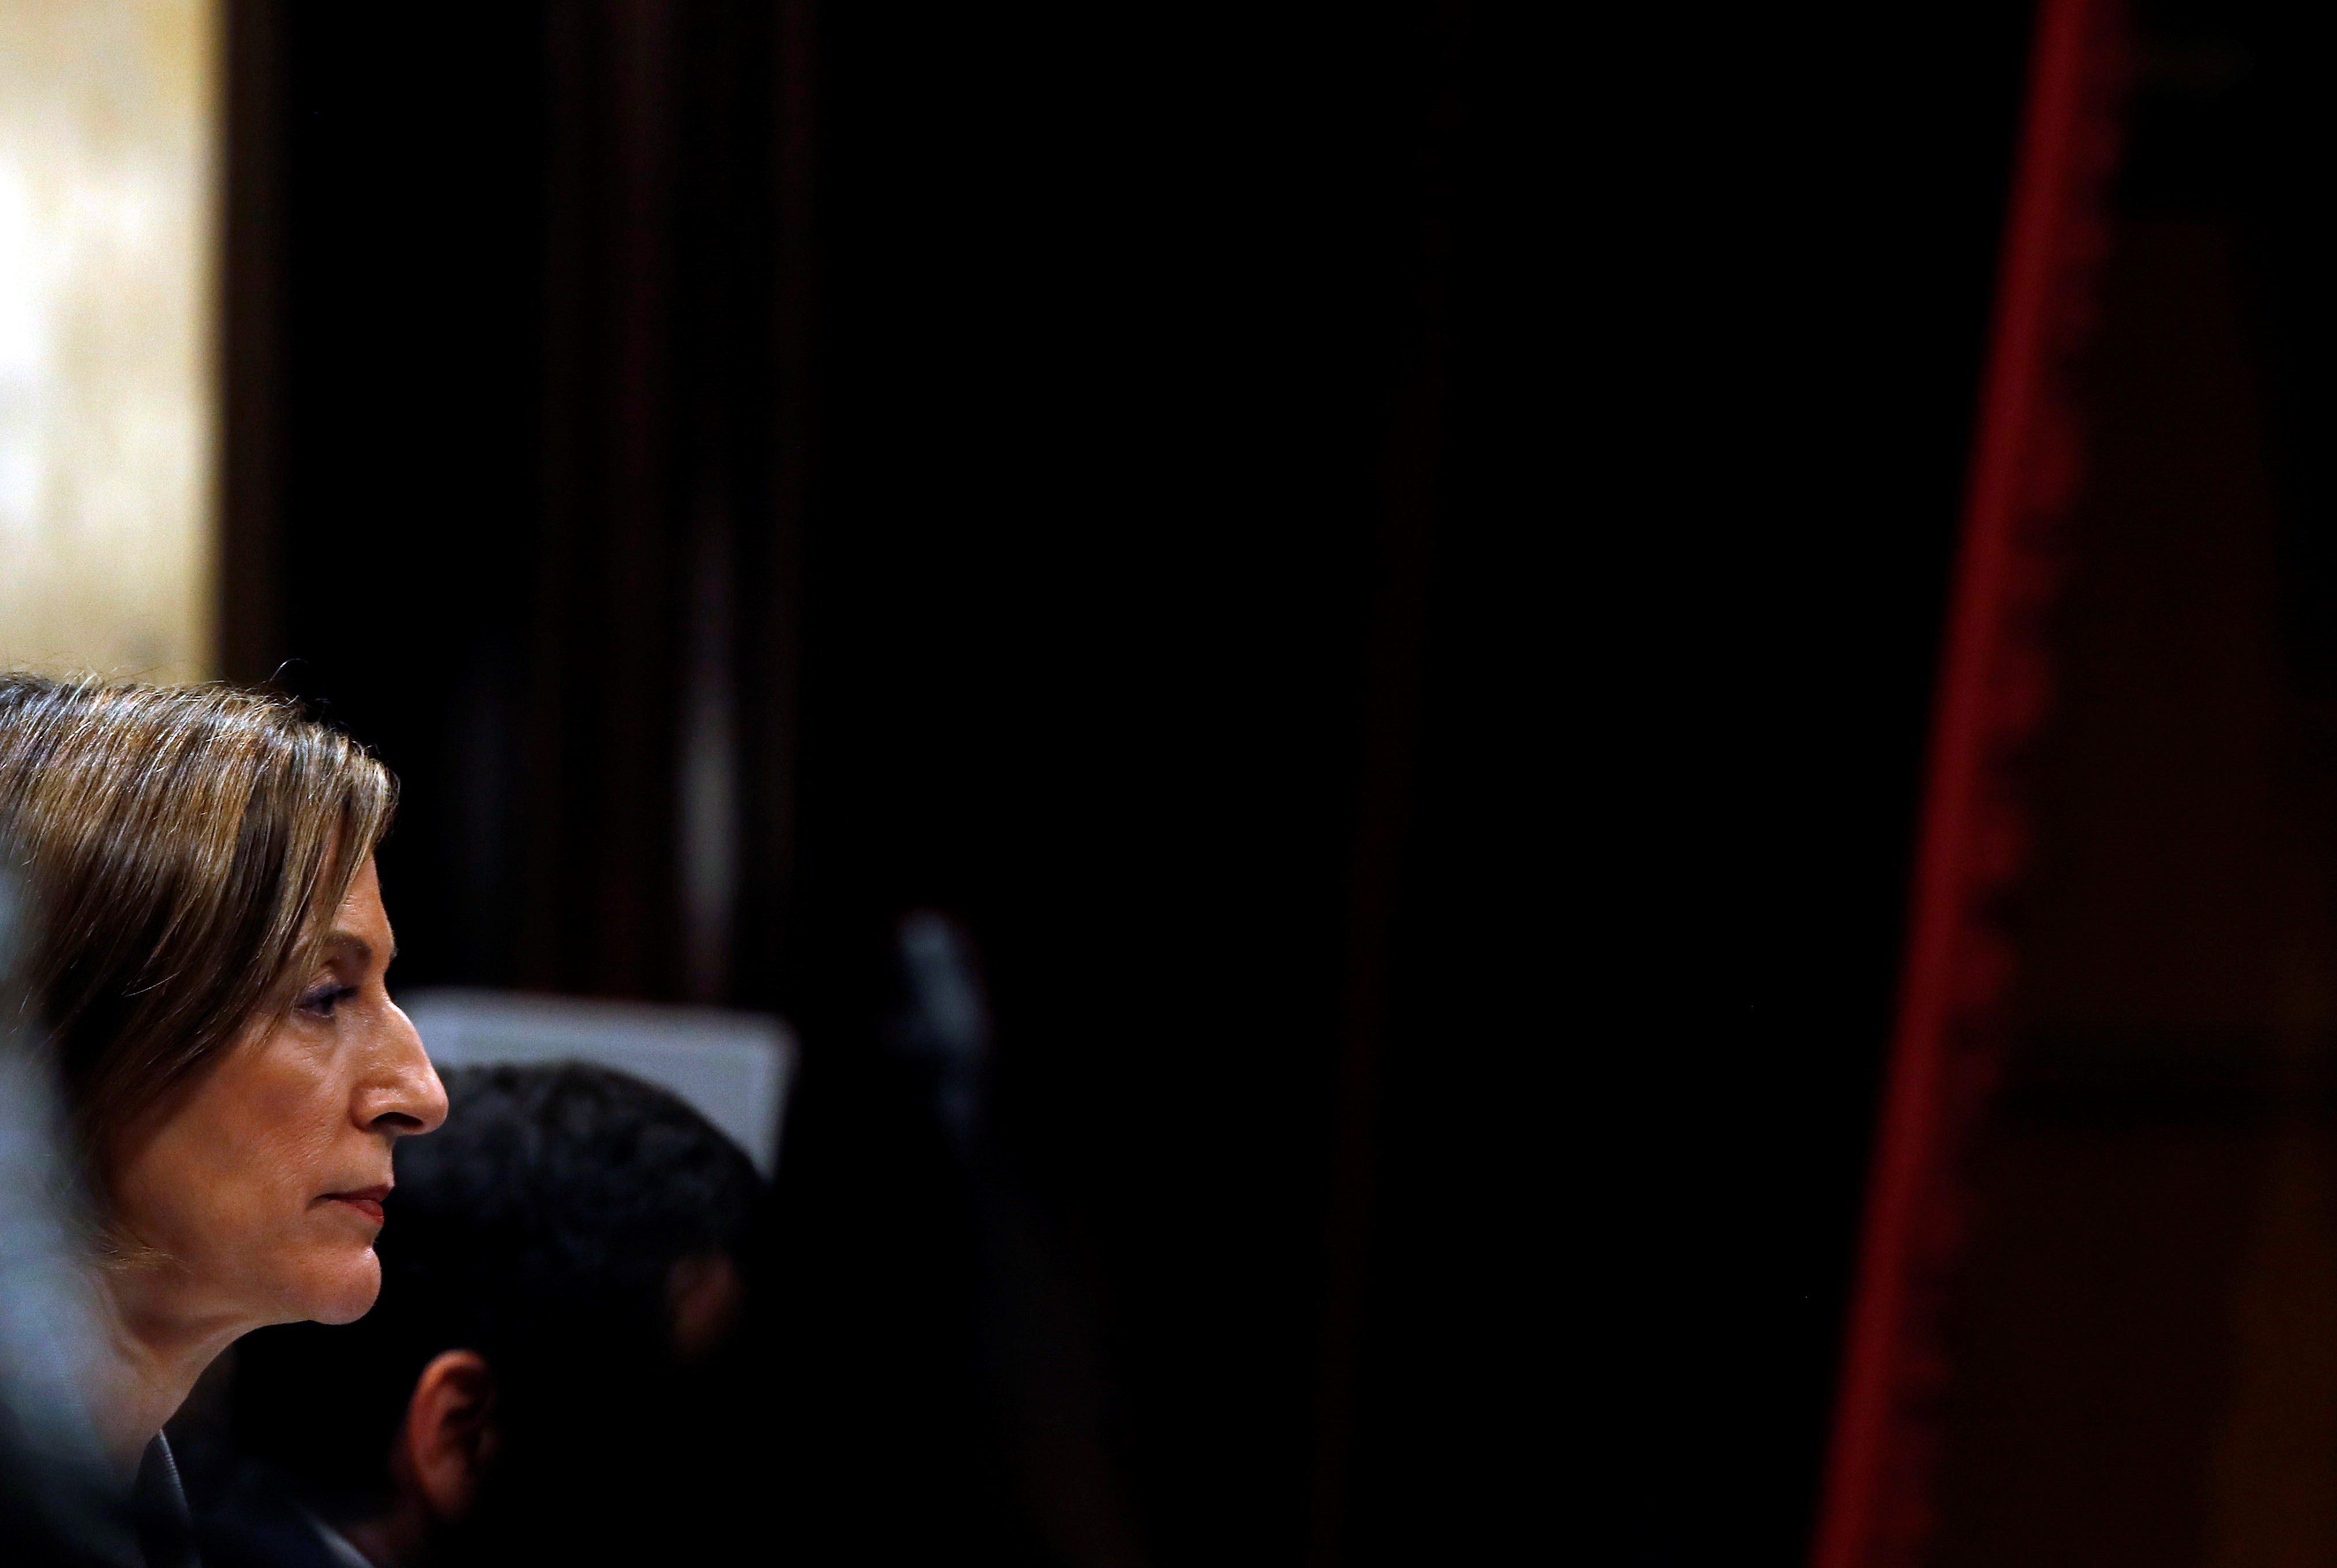 La presidenta del Parlament, Carme Forcadell, ha estat la darrera en votar. /EFE